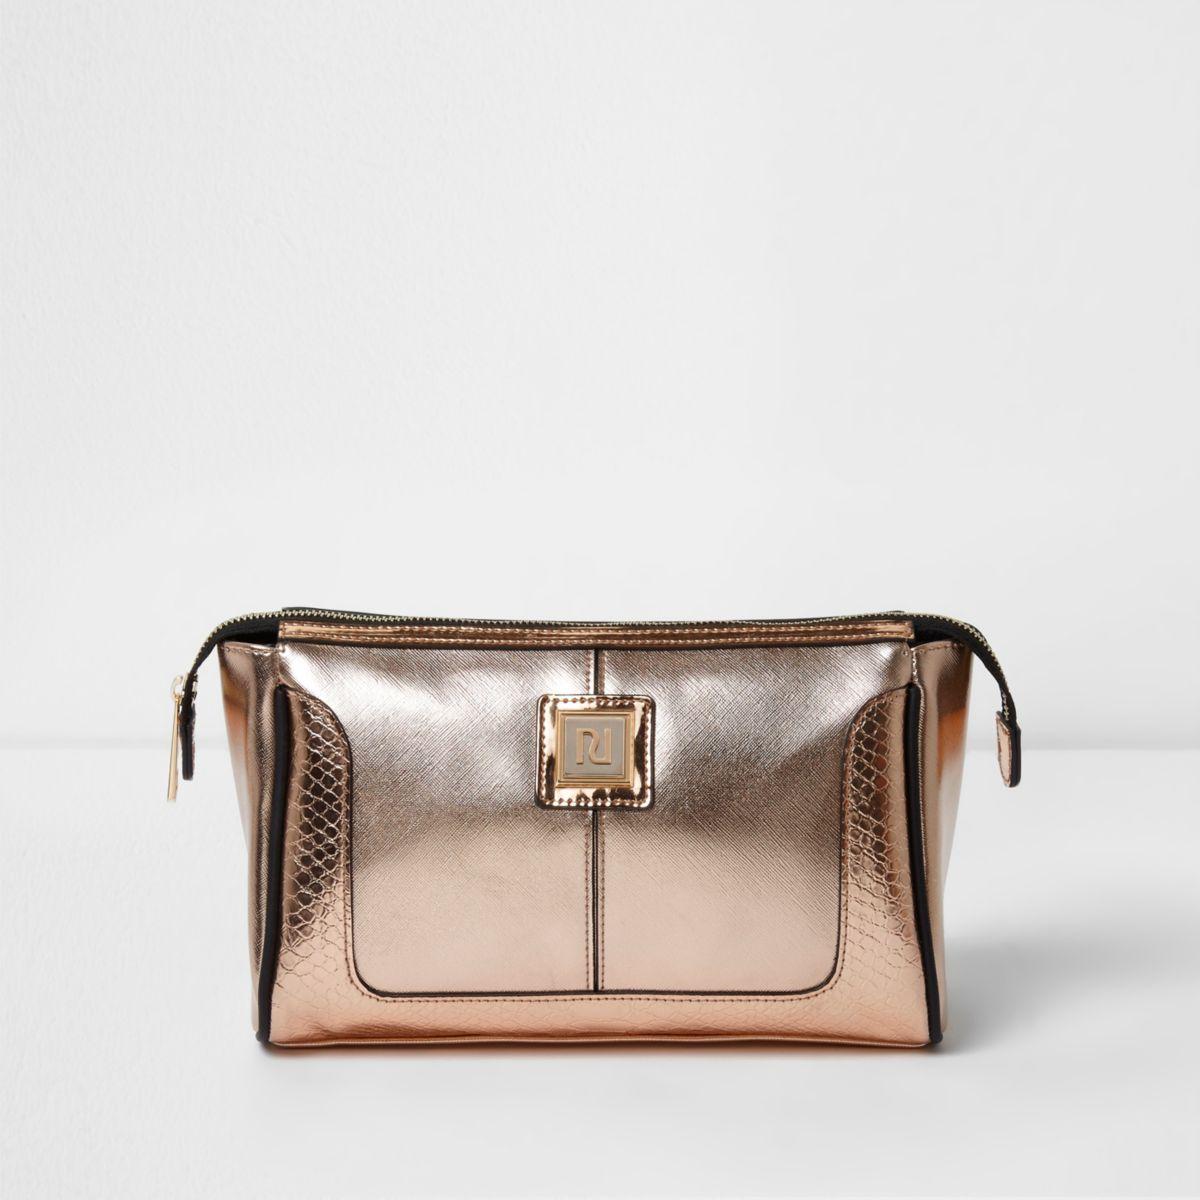 Rose gold metallic make-up bag